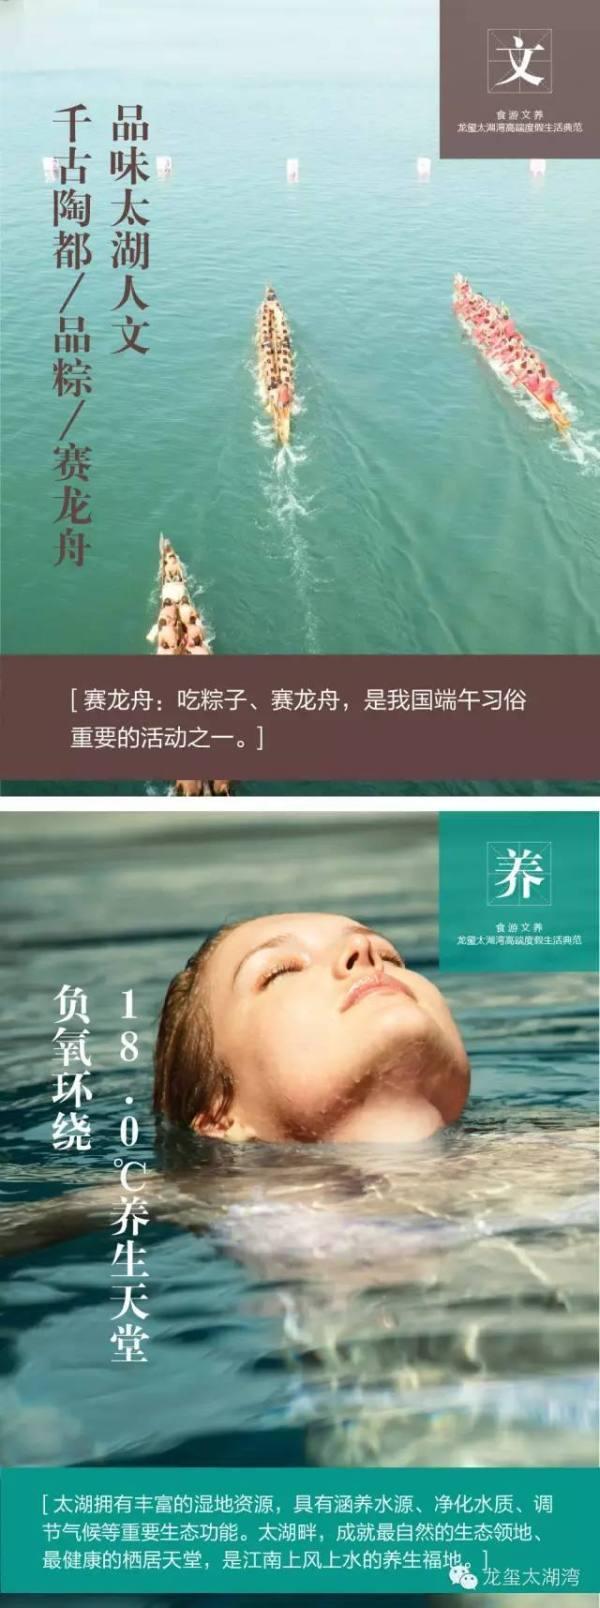 无锡宜兴【龙玺太湖湾】环境怎么样,值不值的投资【图文解析】